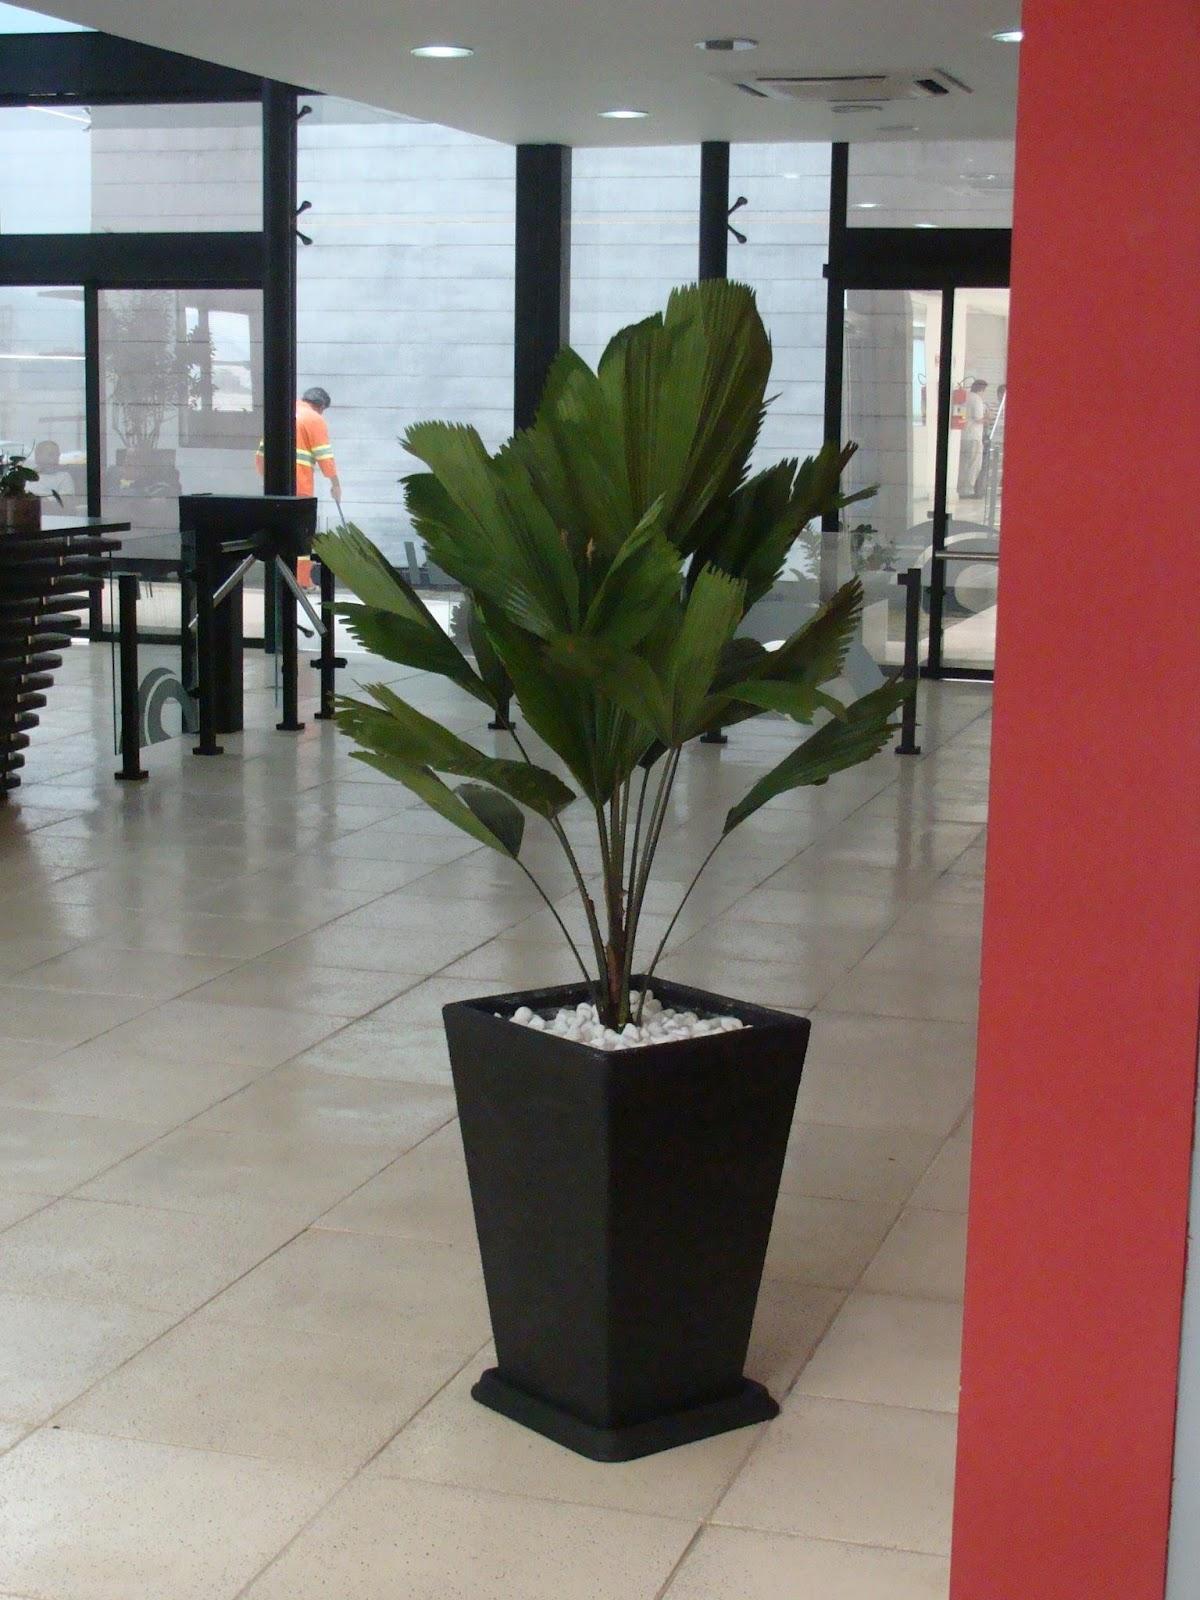 Ch cara flora rohn plantas ornamentais paisagismo - Plantas grandes para interiores ...